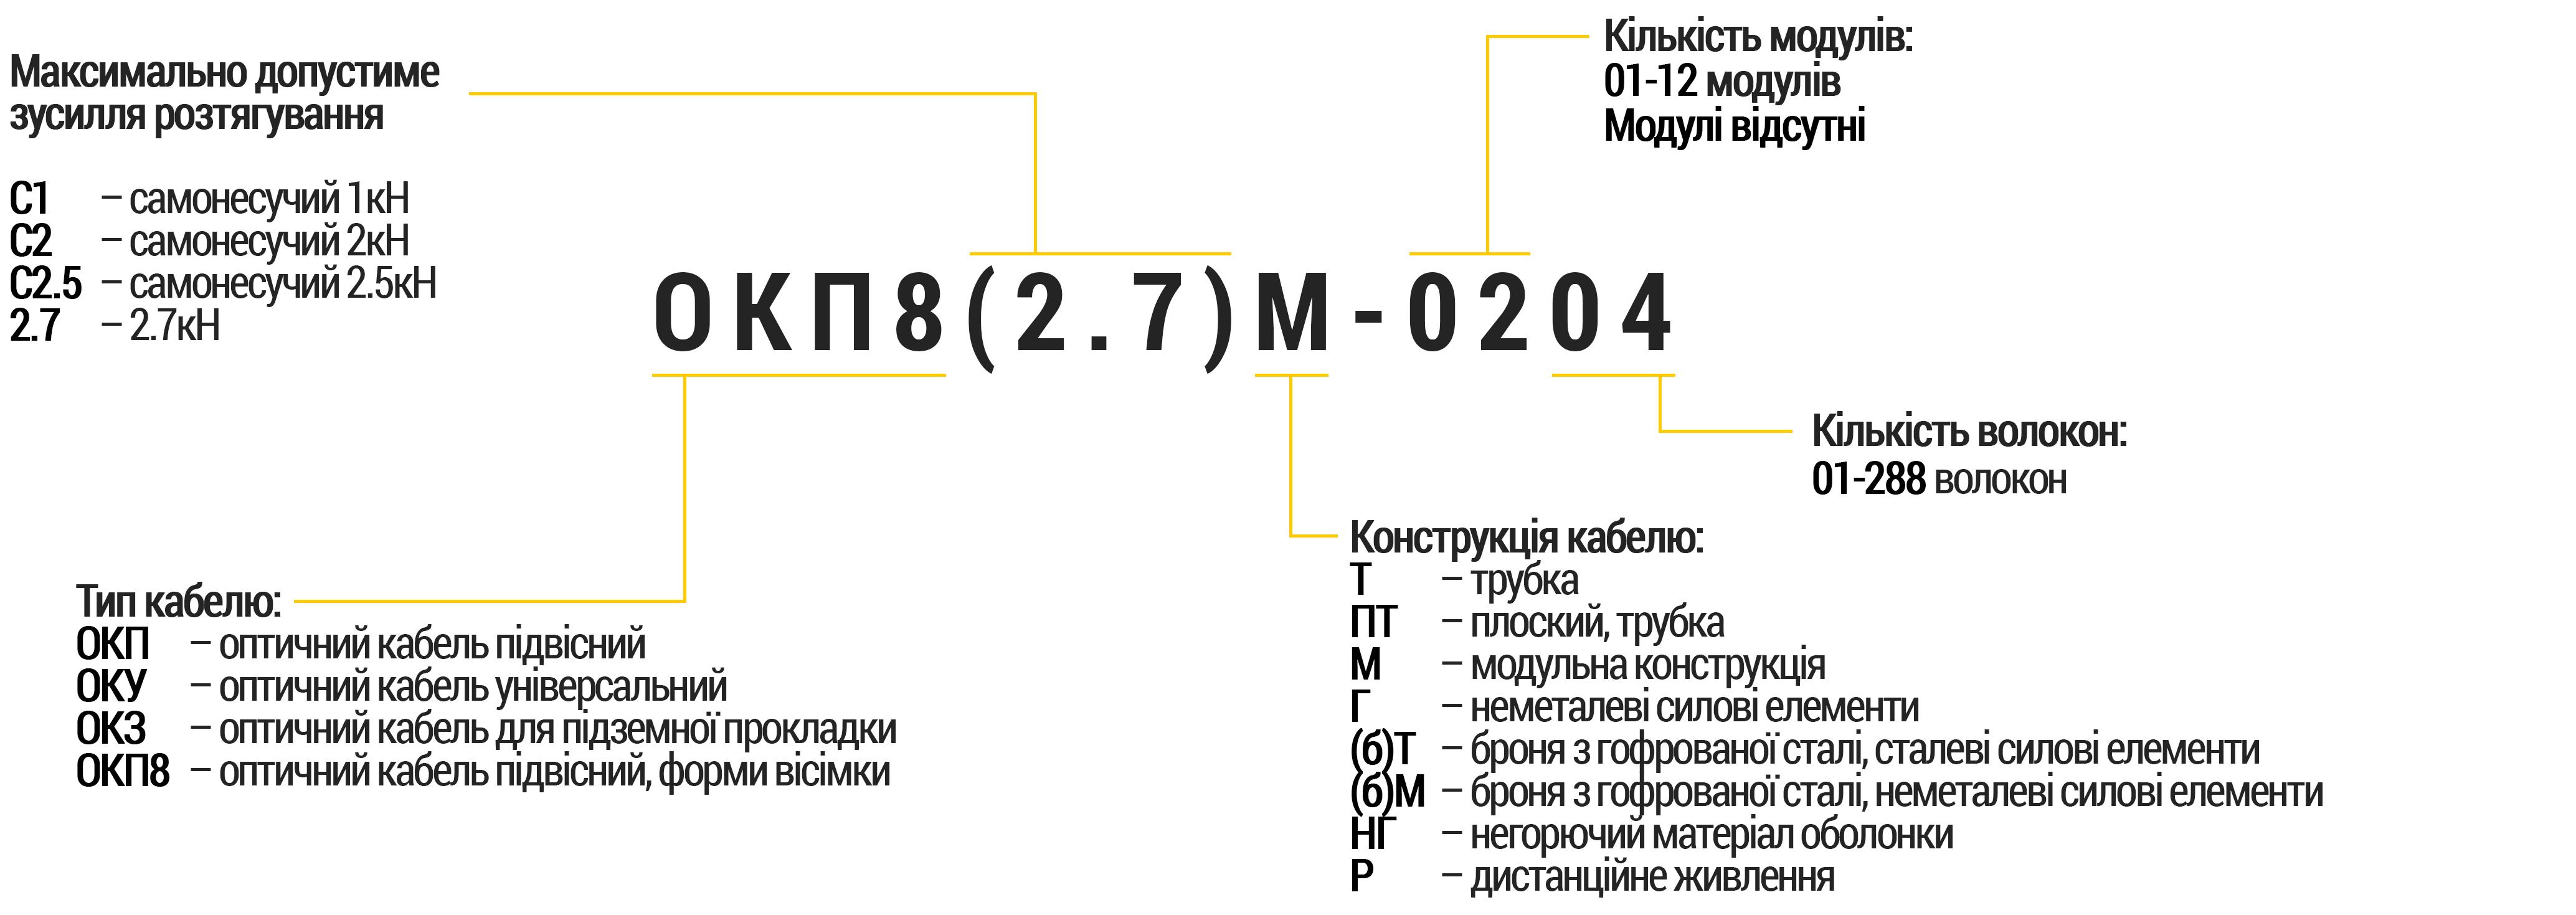 Кодування маркування типів оптичних кабелів зв'язку виробництва компанії ЮТЕКС Україна